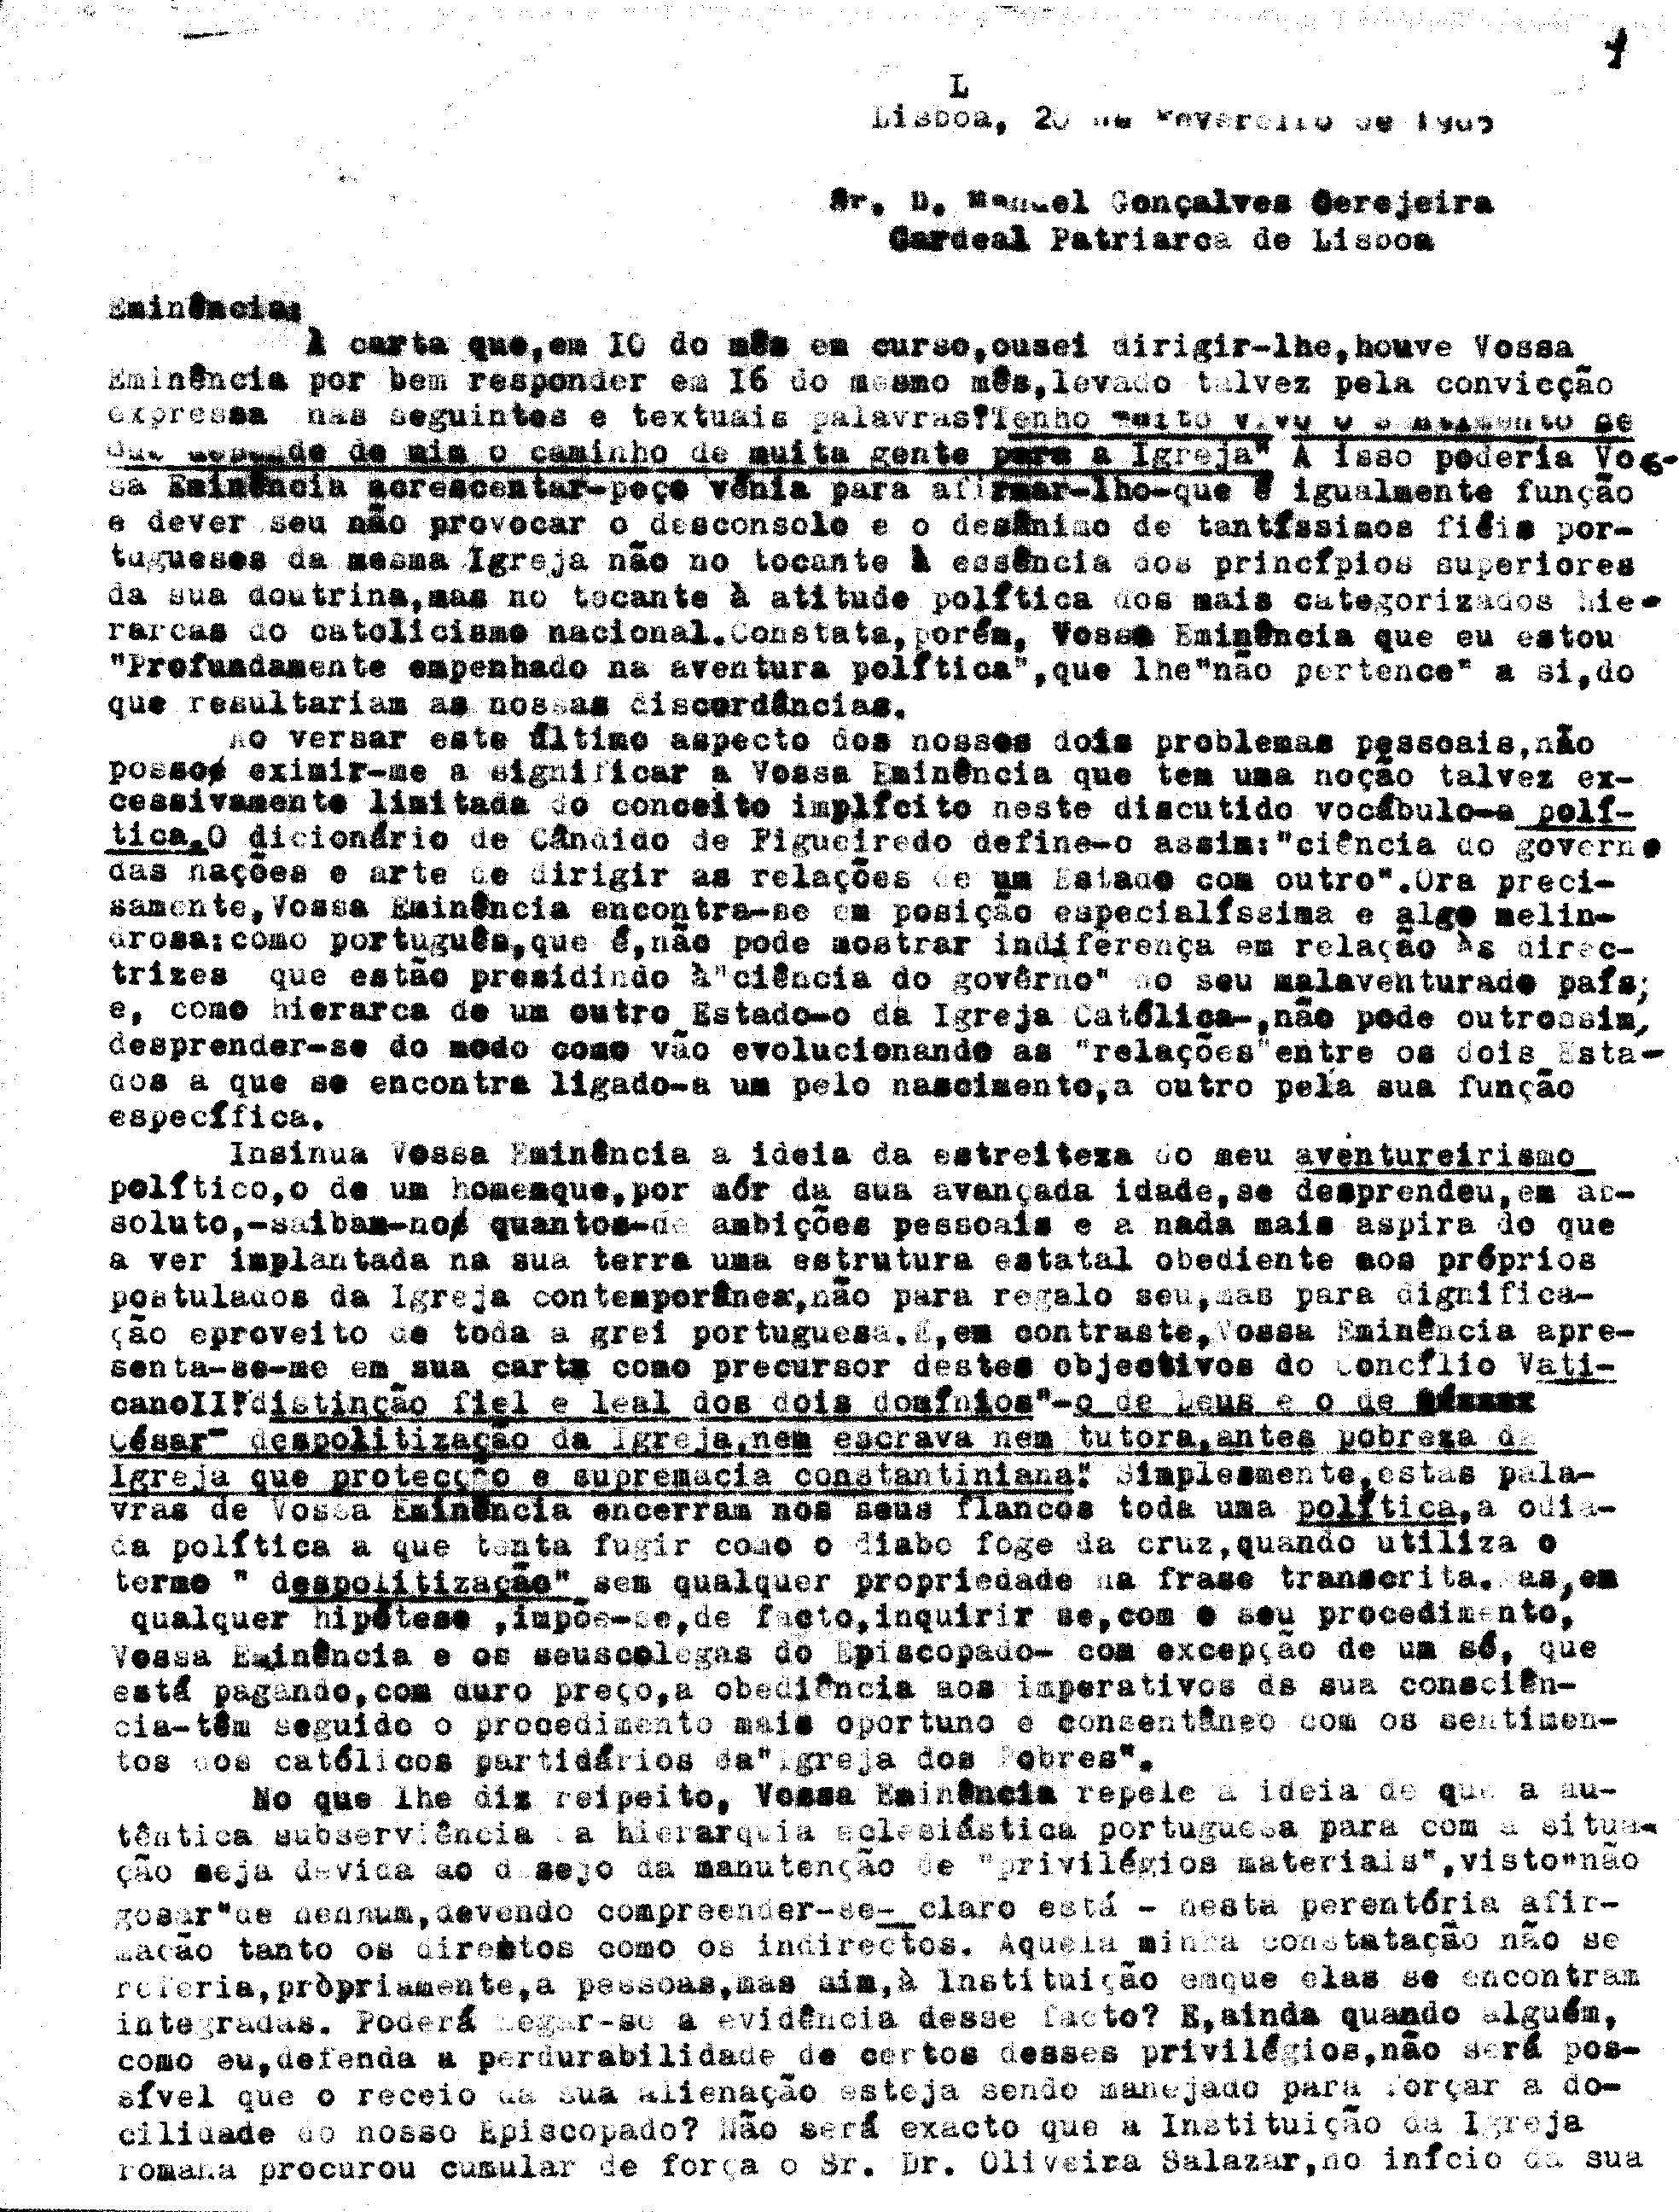 04435.493- pag.1